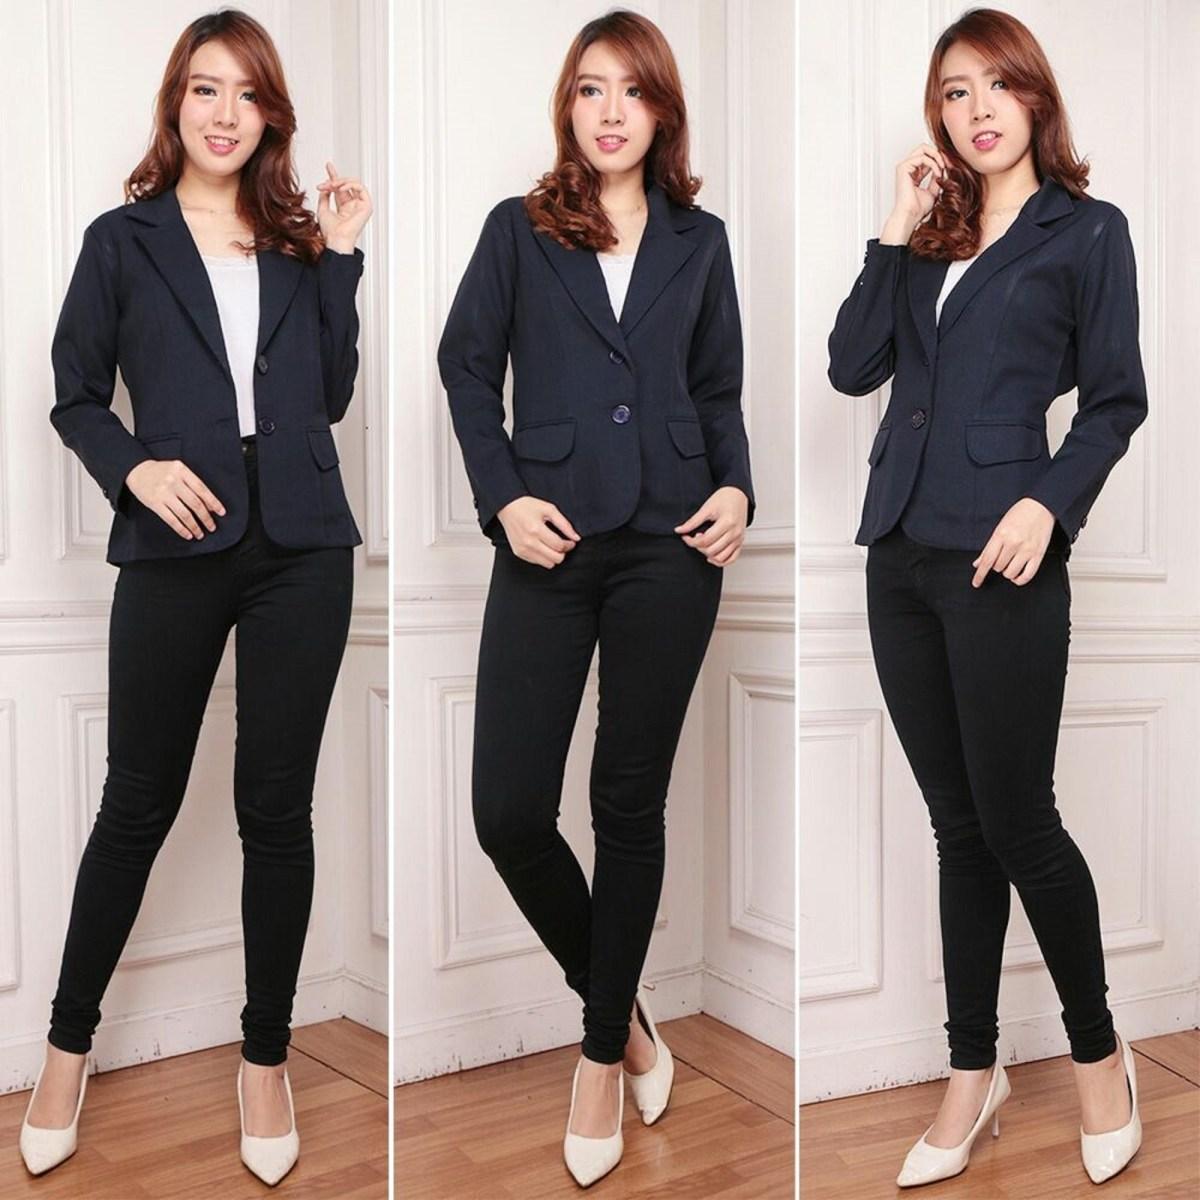 87 gambar baju jas wanita terbaik gambar pixabay